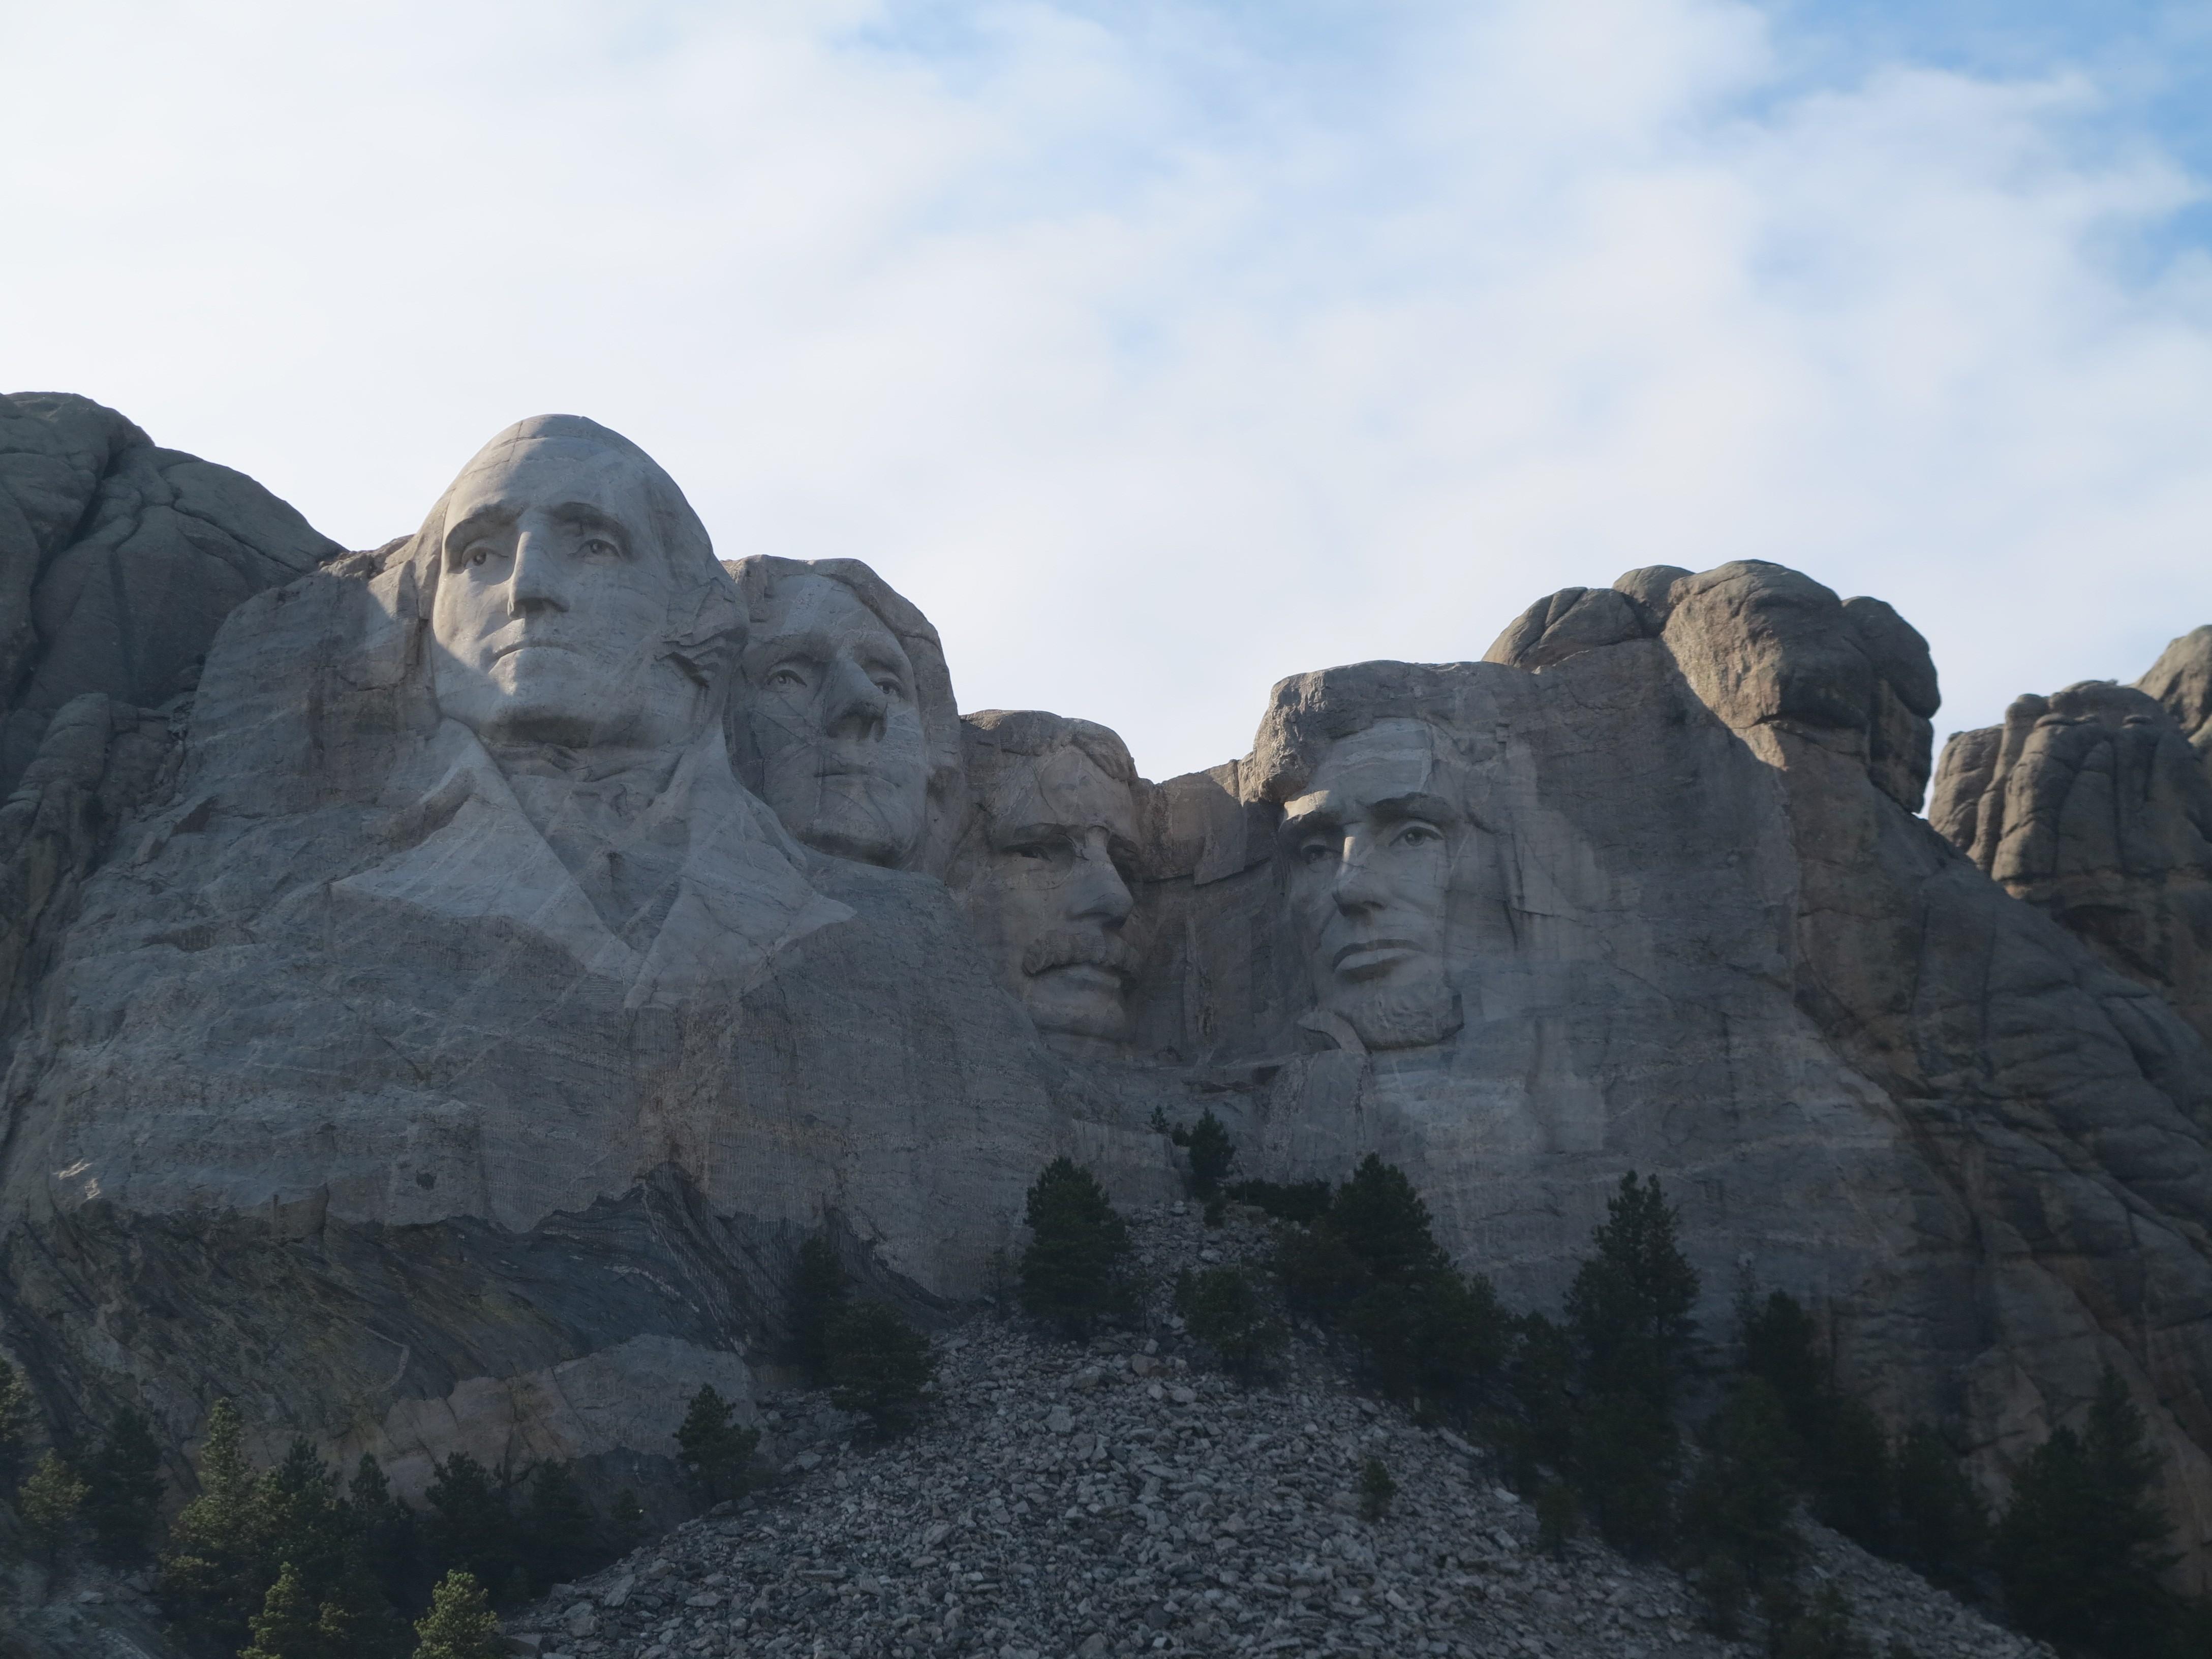 Senican Karol-Mt. Rushmore